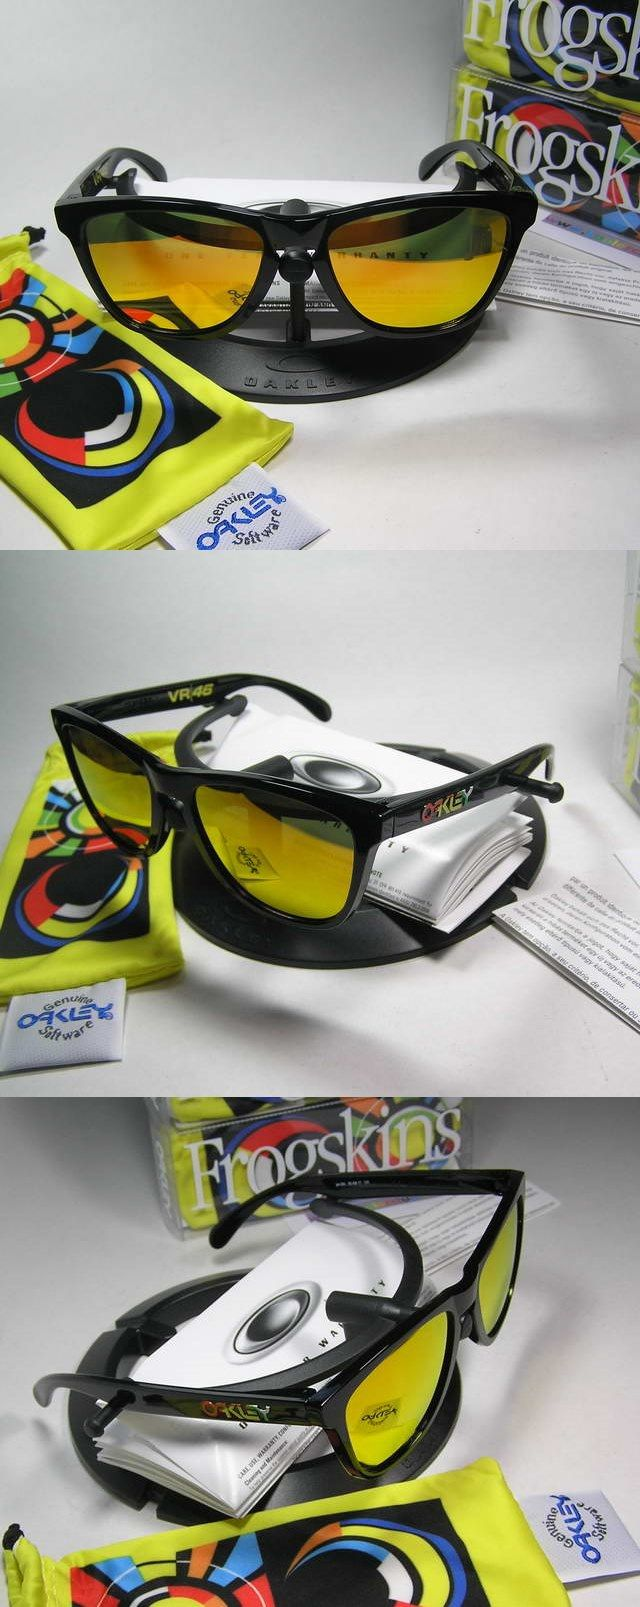 53dd8d2f26 ขาย     Oakley แว่นกันแดด อุปกรณ์ อะหลั่ย และของจุกจิก ราคากันเองครับ